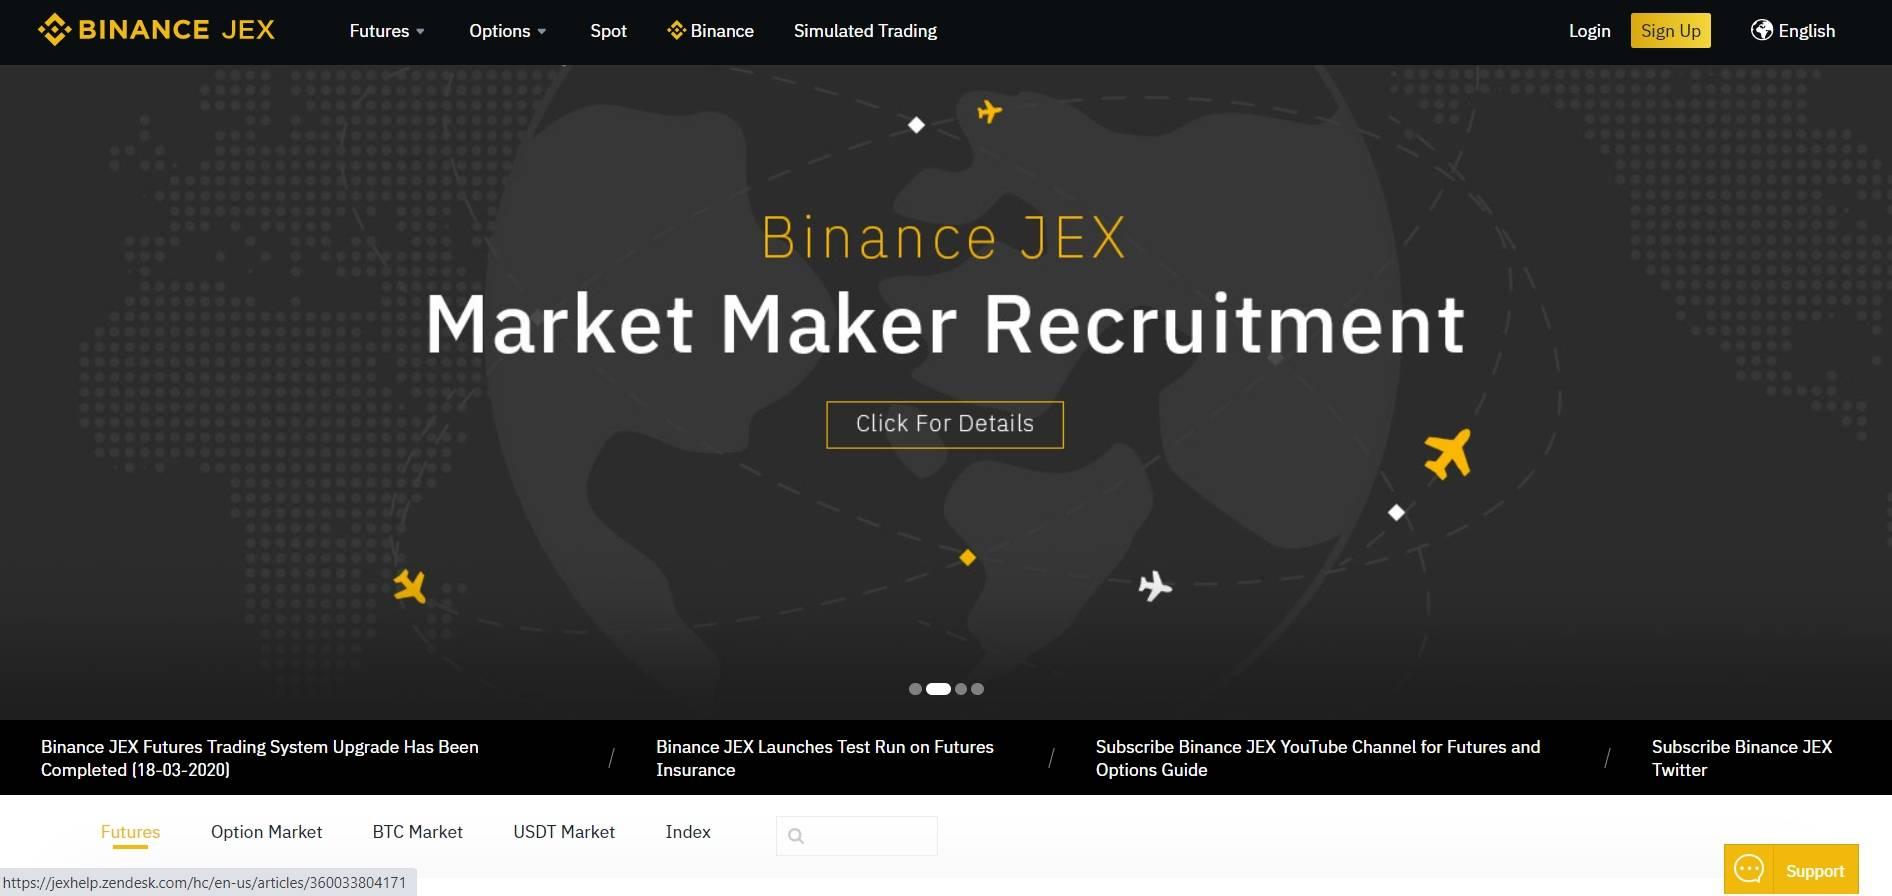 Binance JEX